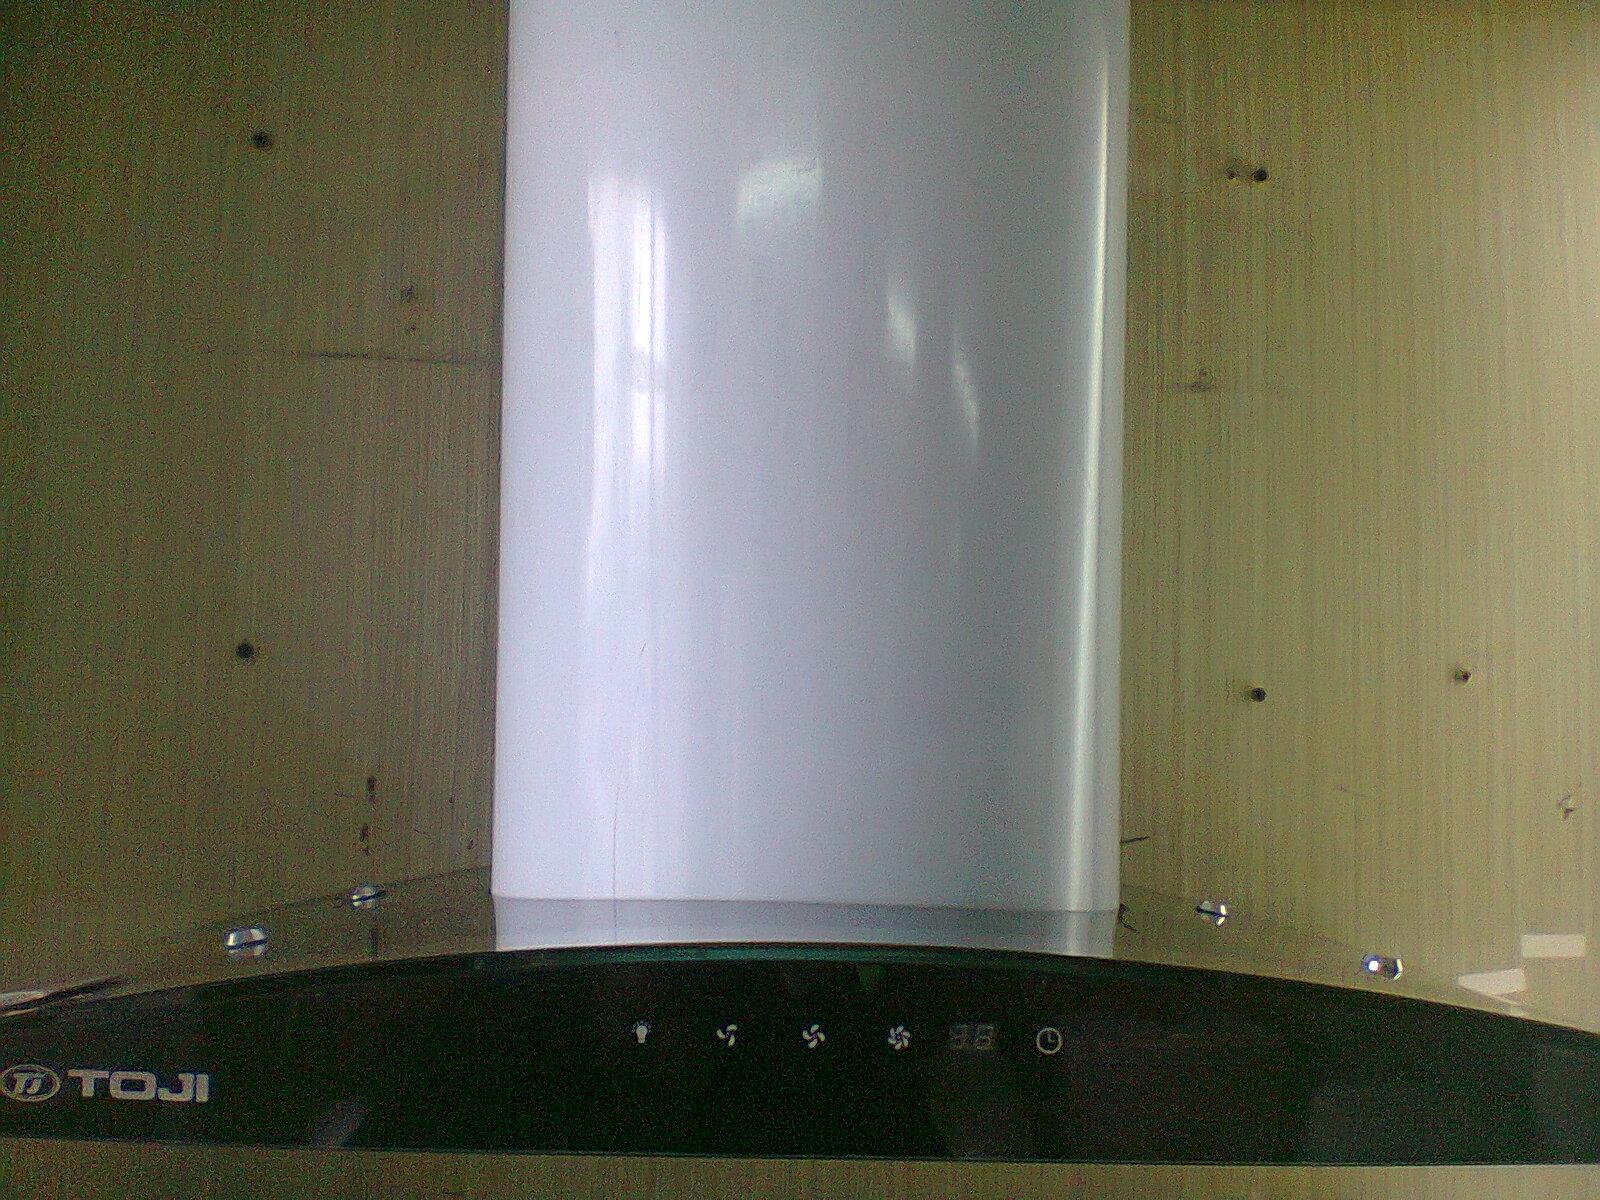 Máy hút mùi Toji H 706_7(2TC)